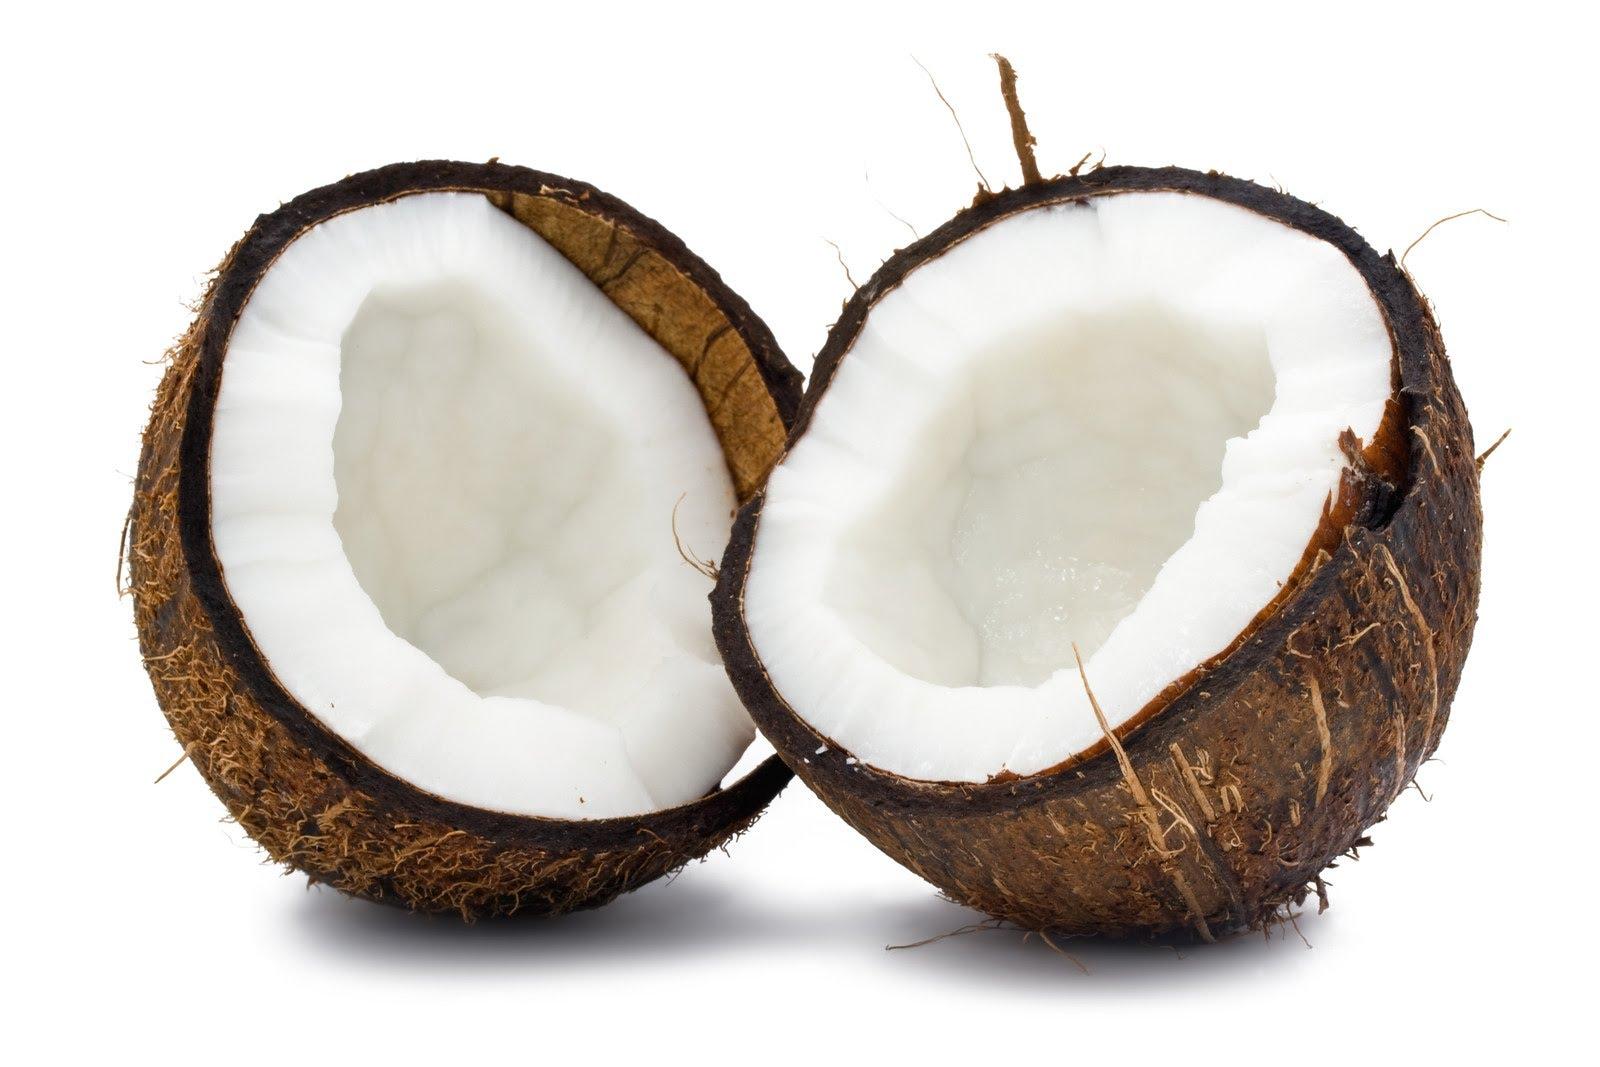 Latte e acqua di cocco sono spesso confusi, sebbene siano due prodotti molto diversi